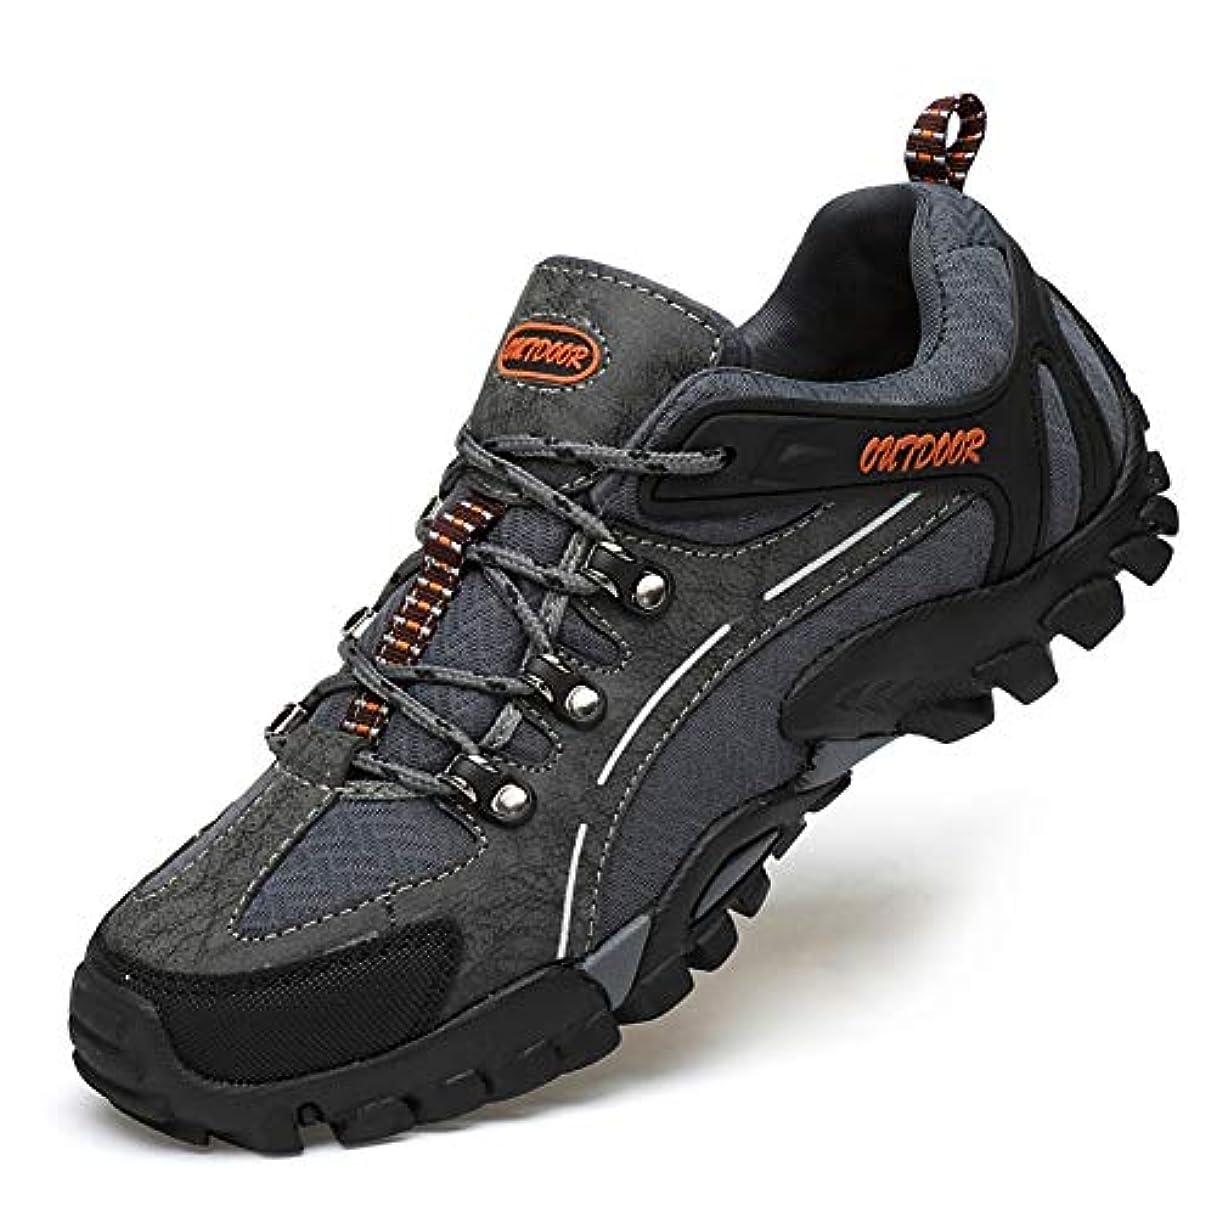 湿原岩浸漬[SRUQ] ウォーキングシューズ 防水 メンズ ハイキングシューズ 防滑 トレッキングシューズ アウトドア 登山靴 ローカット スエード スニーカー